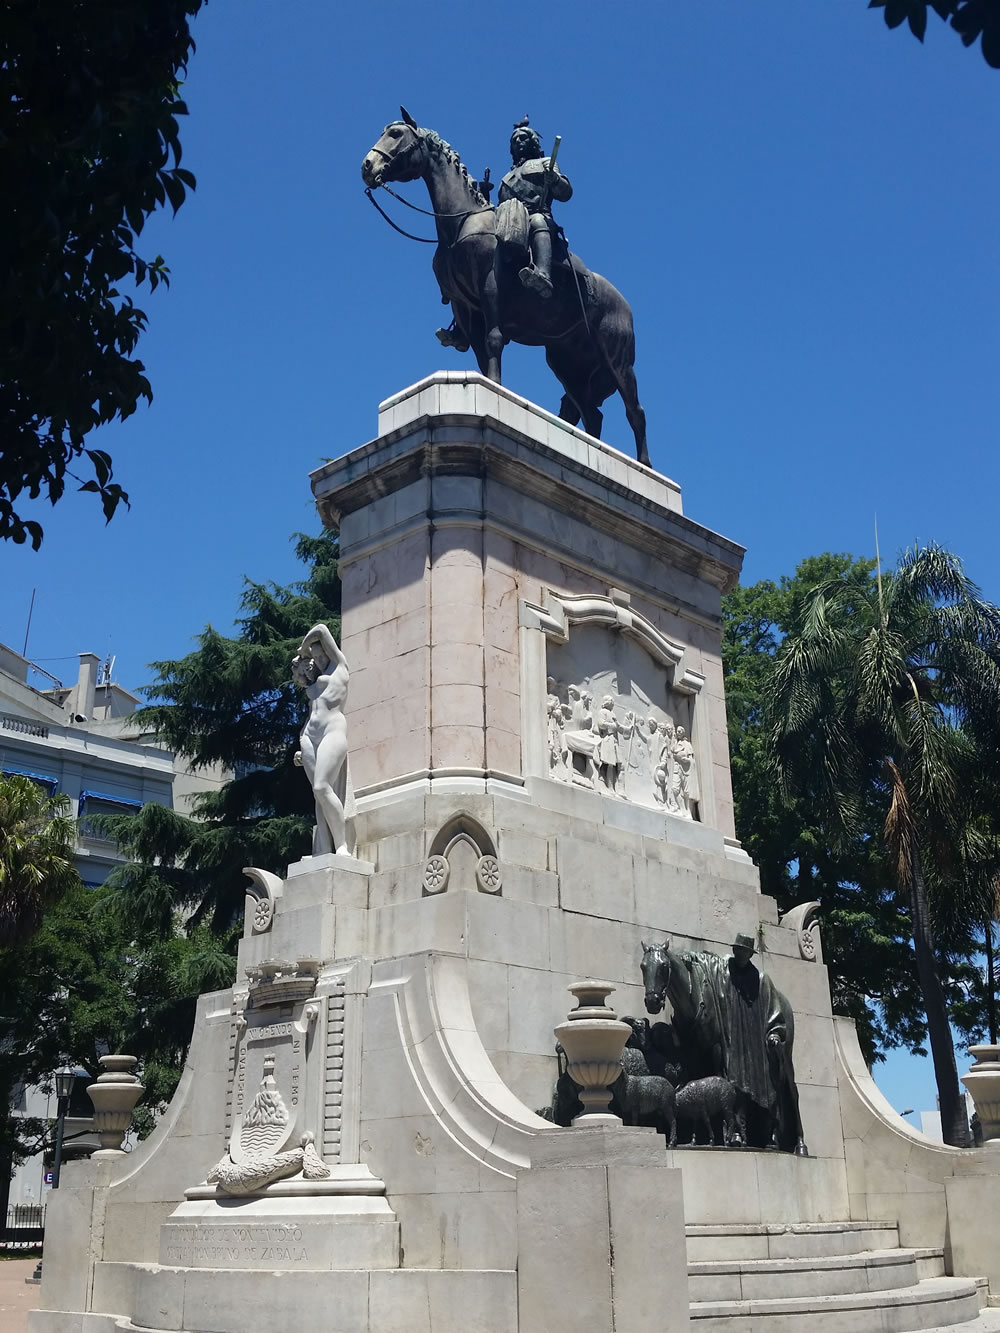 Montevidéu Ciudad Vieja